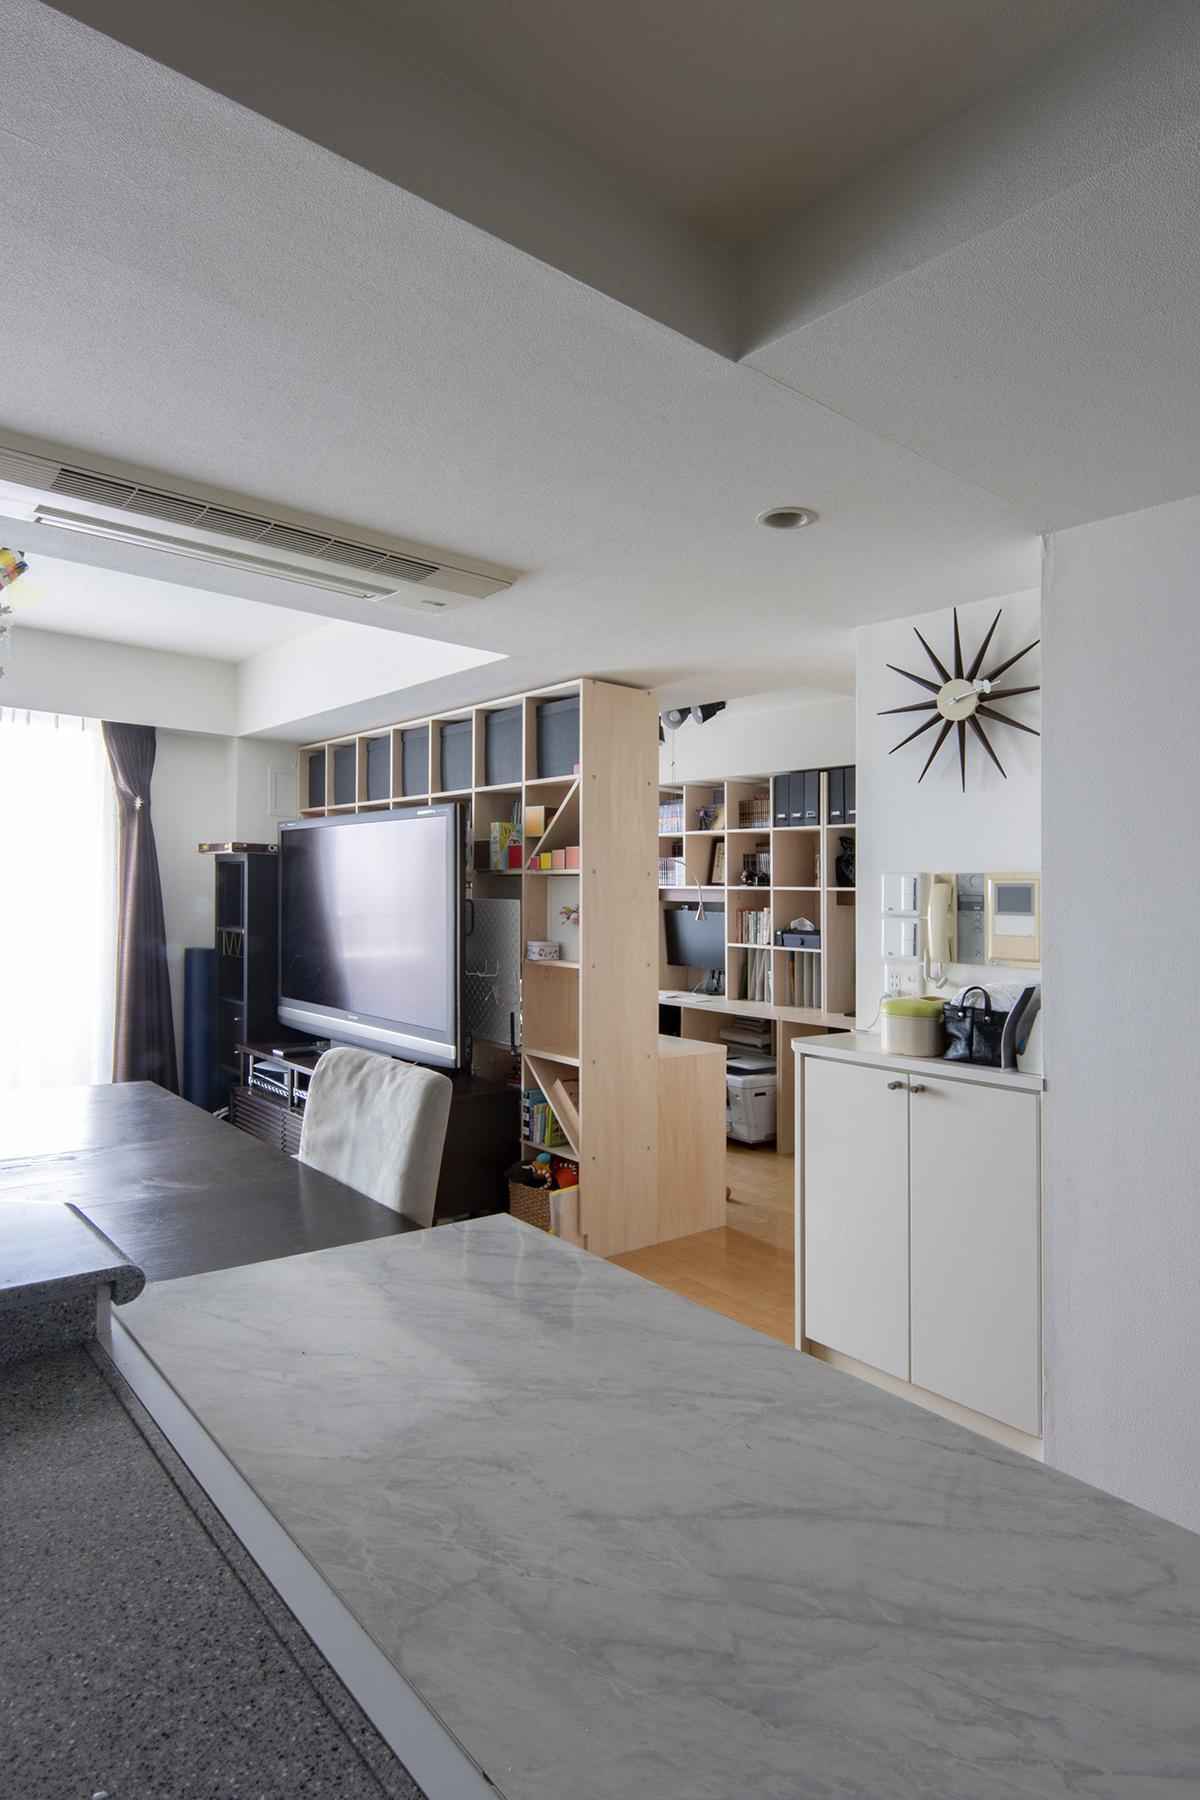 リビングの一角を間仕切り仕事場と勉強部屋に | カウンター付き本棚 / Shelf (No.41) | マルゲリータ使用例